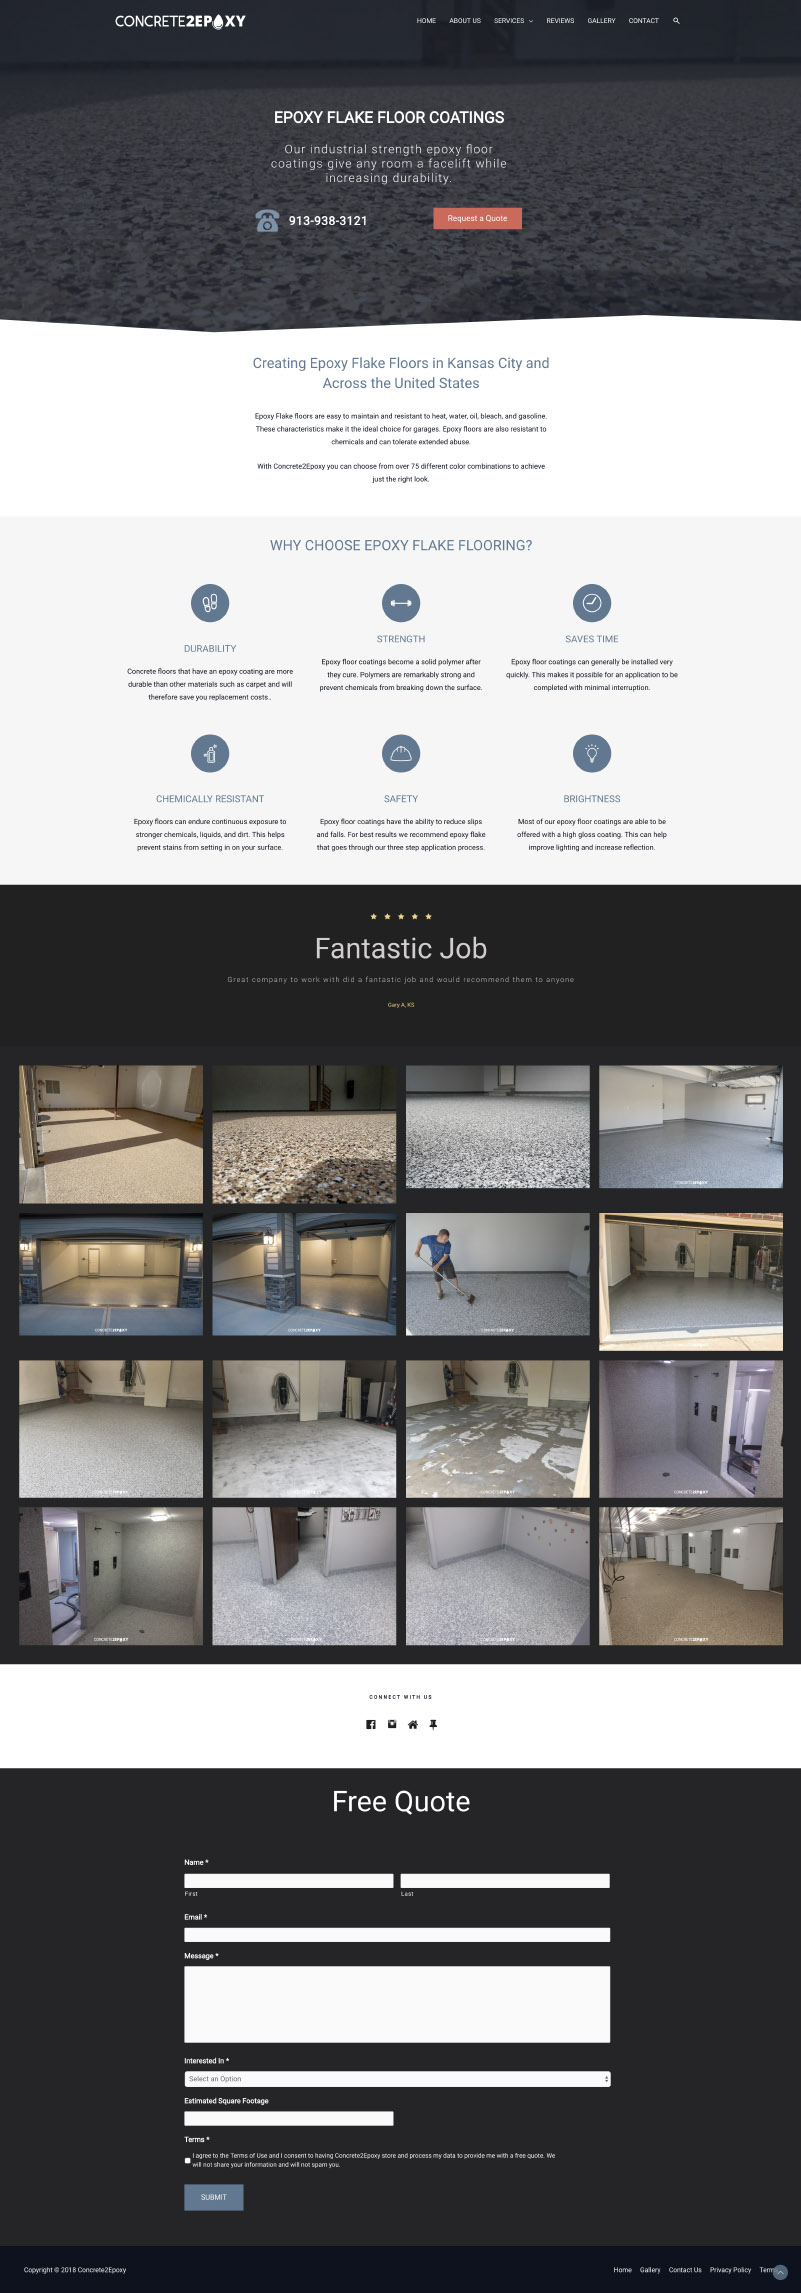 Concrete2epoxy Final Design